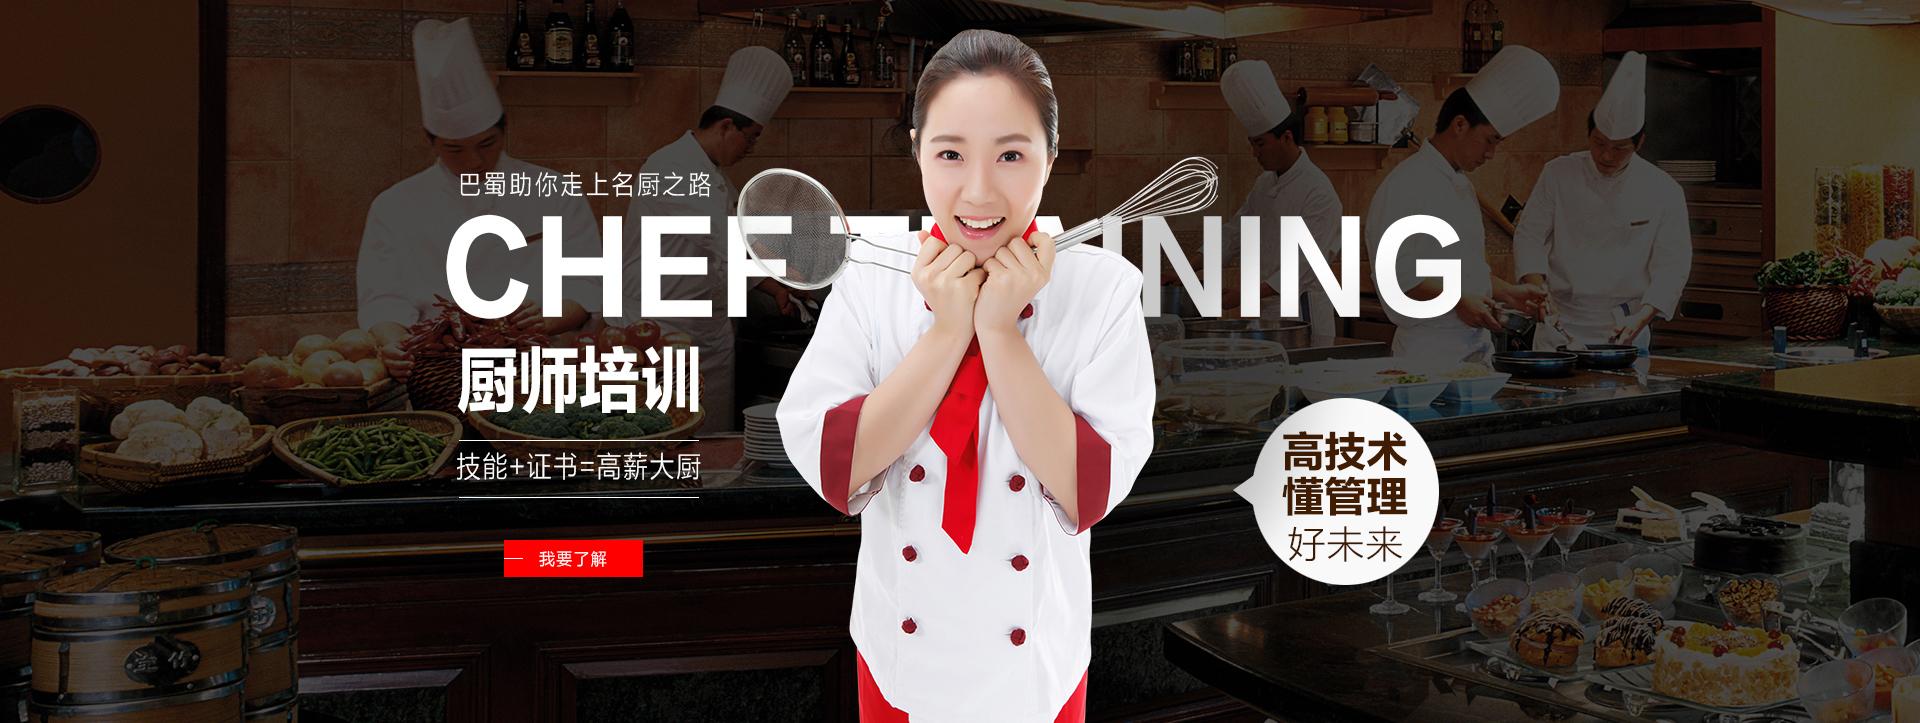 重庆厨师培训